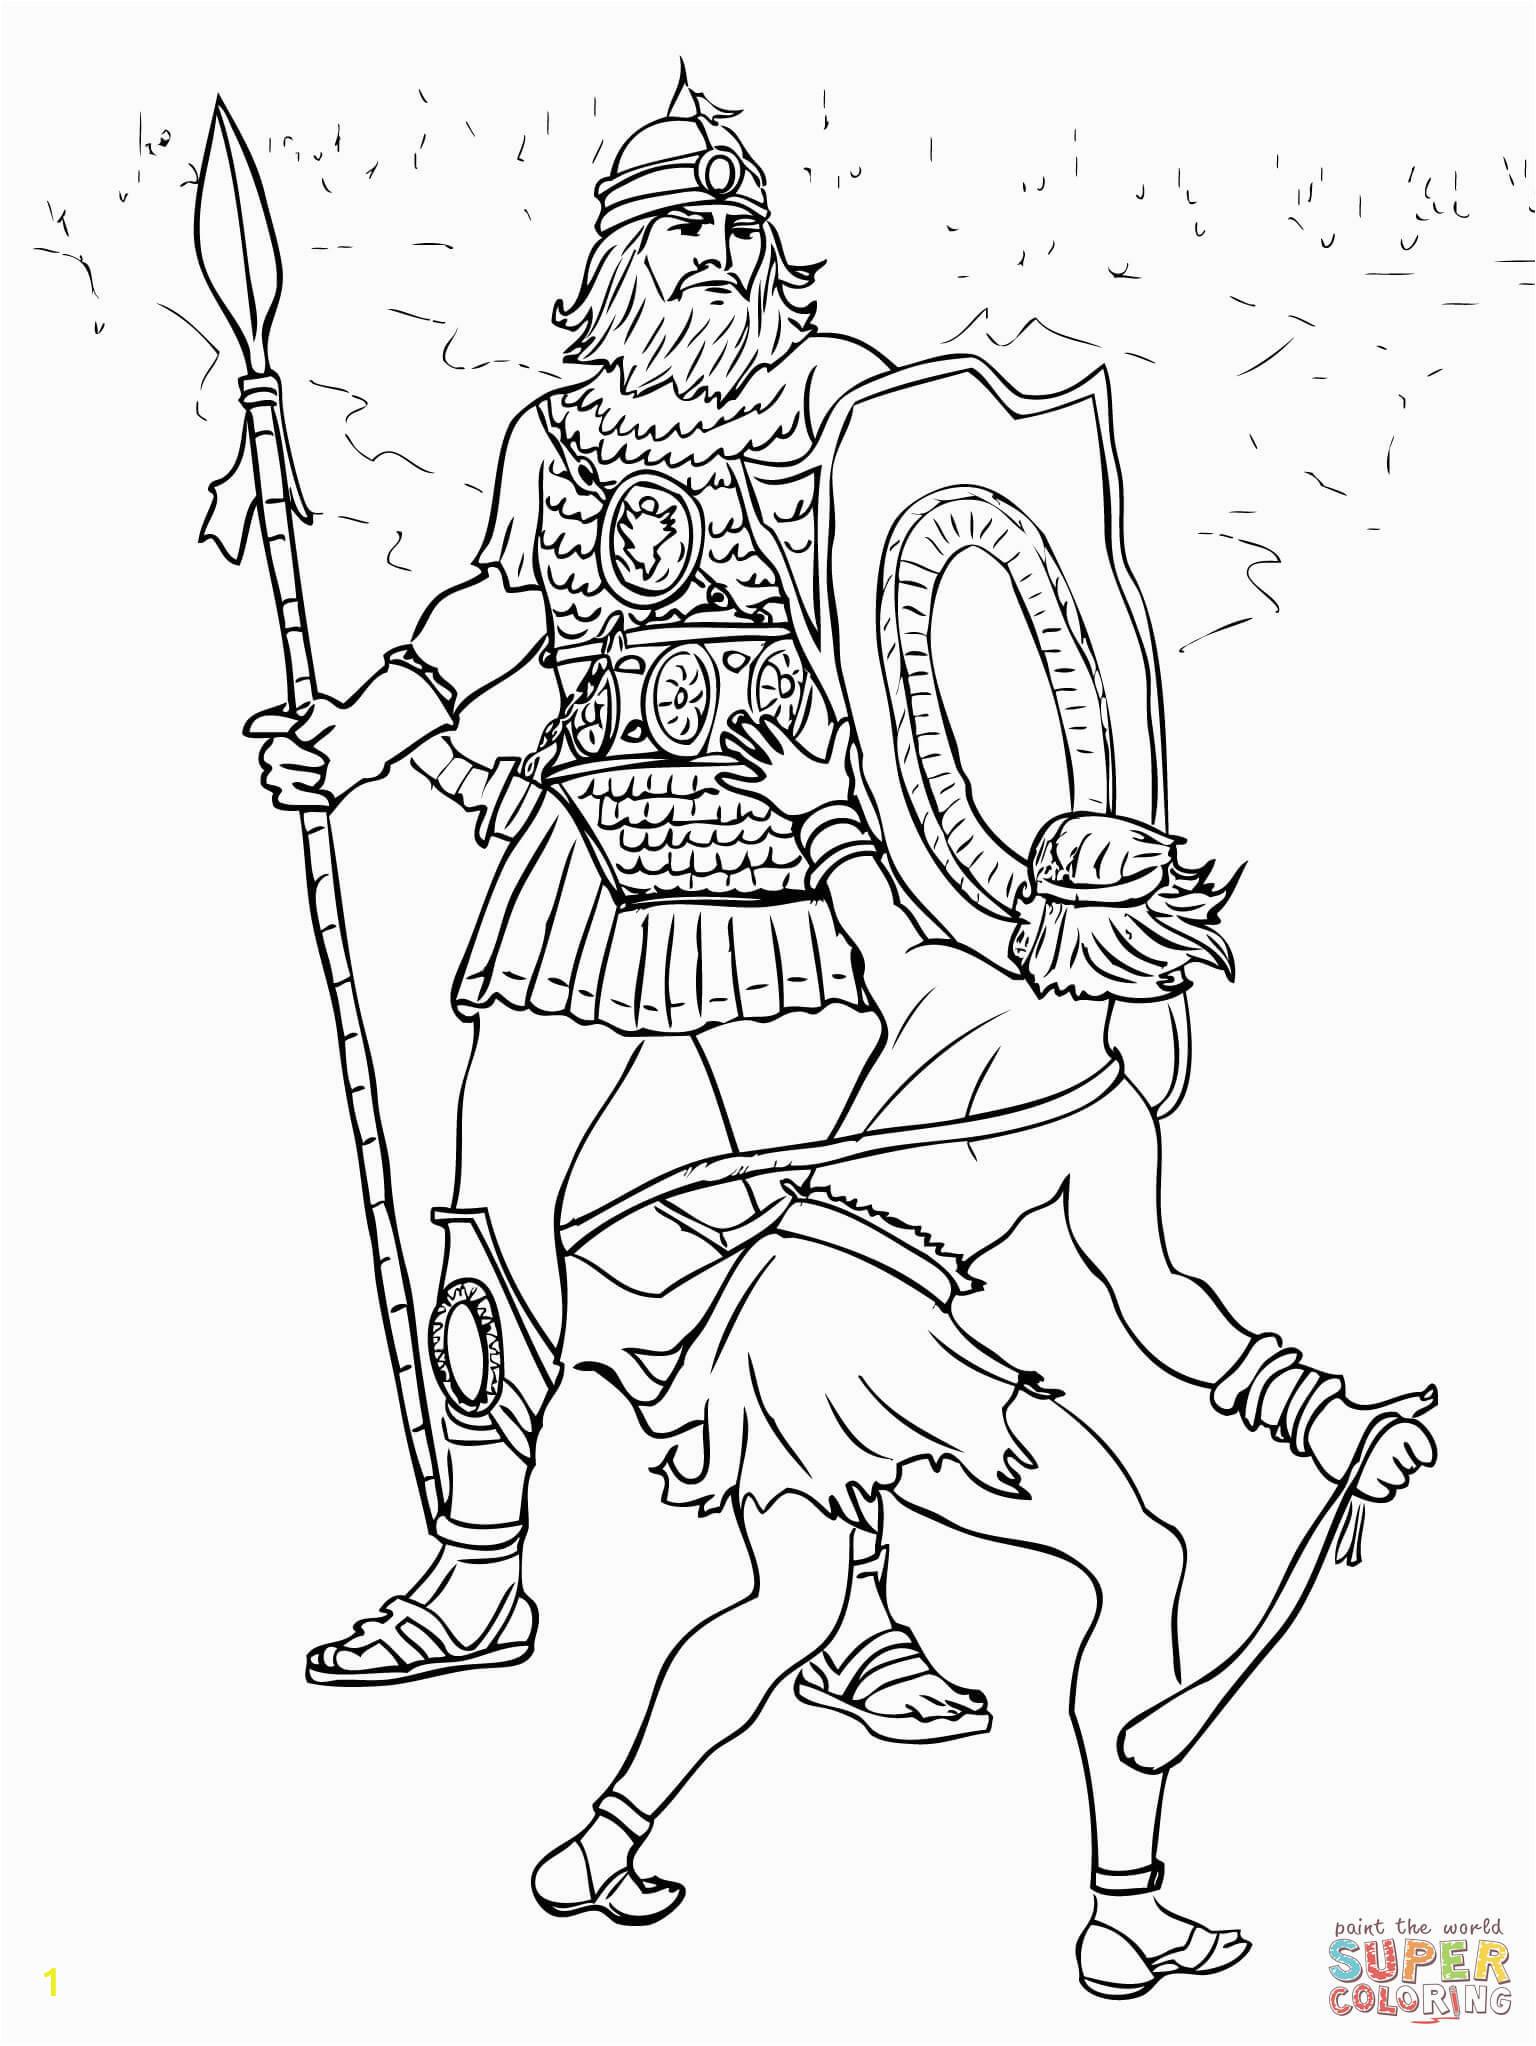 david and goliath fight